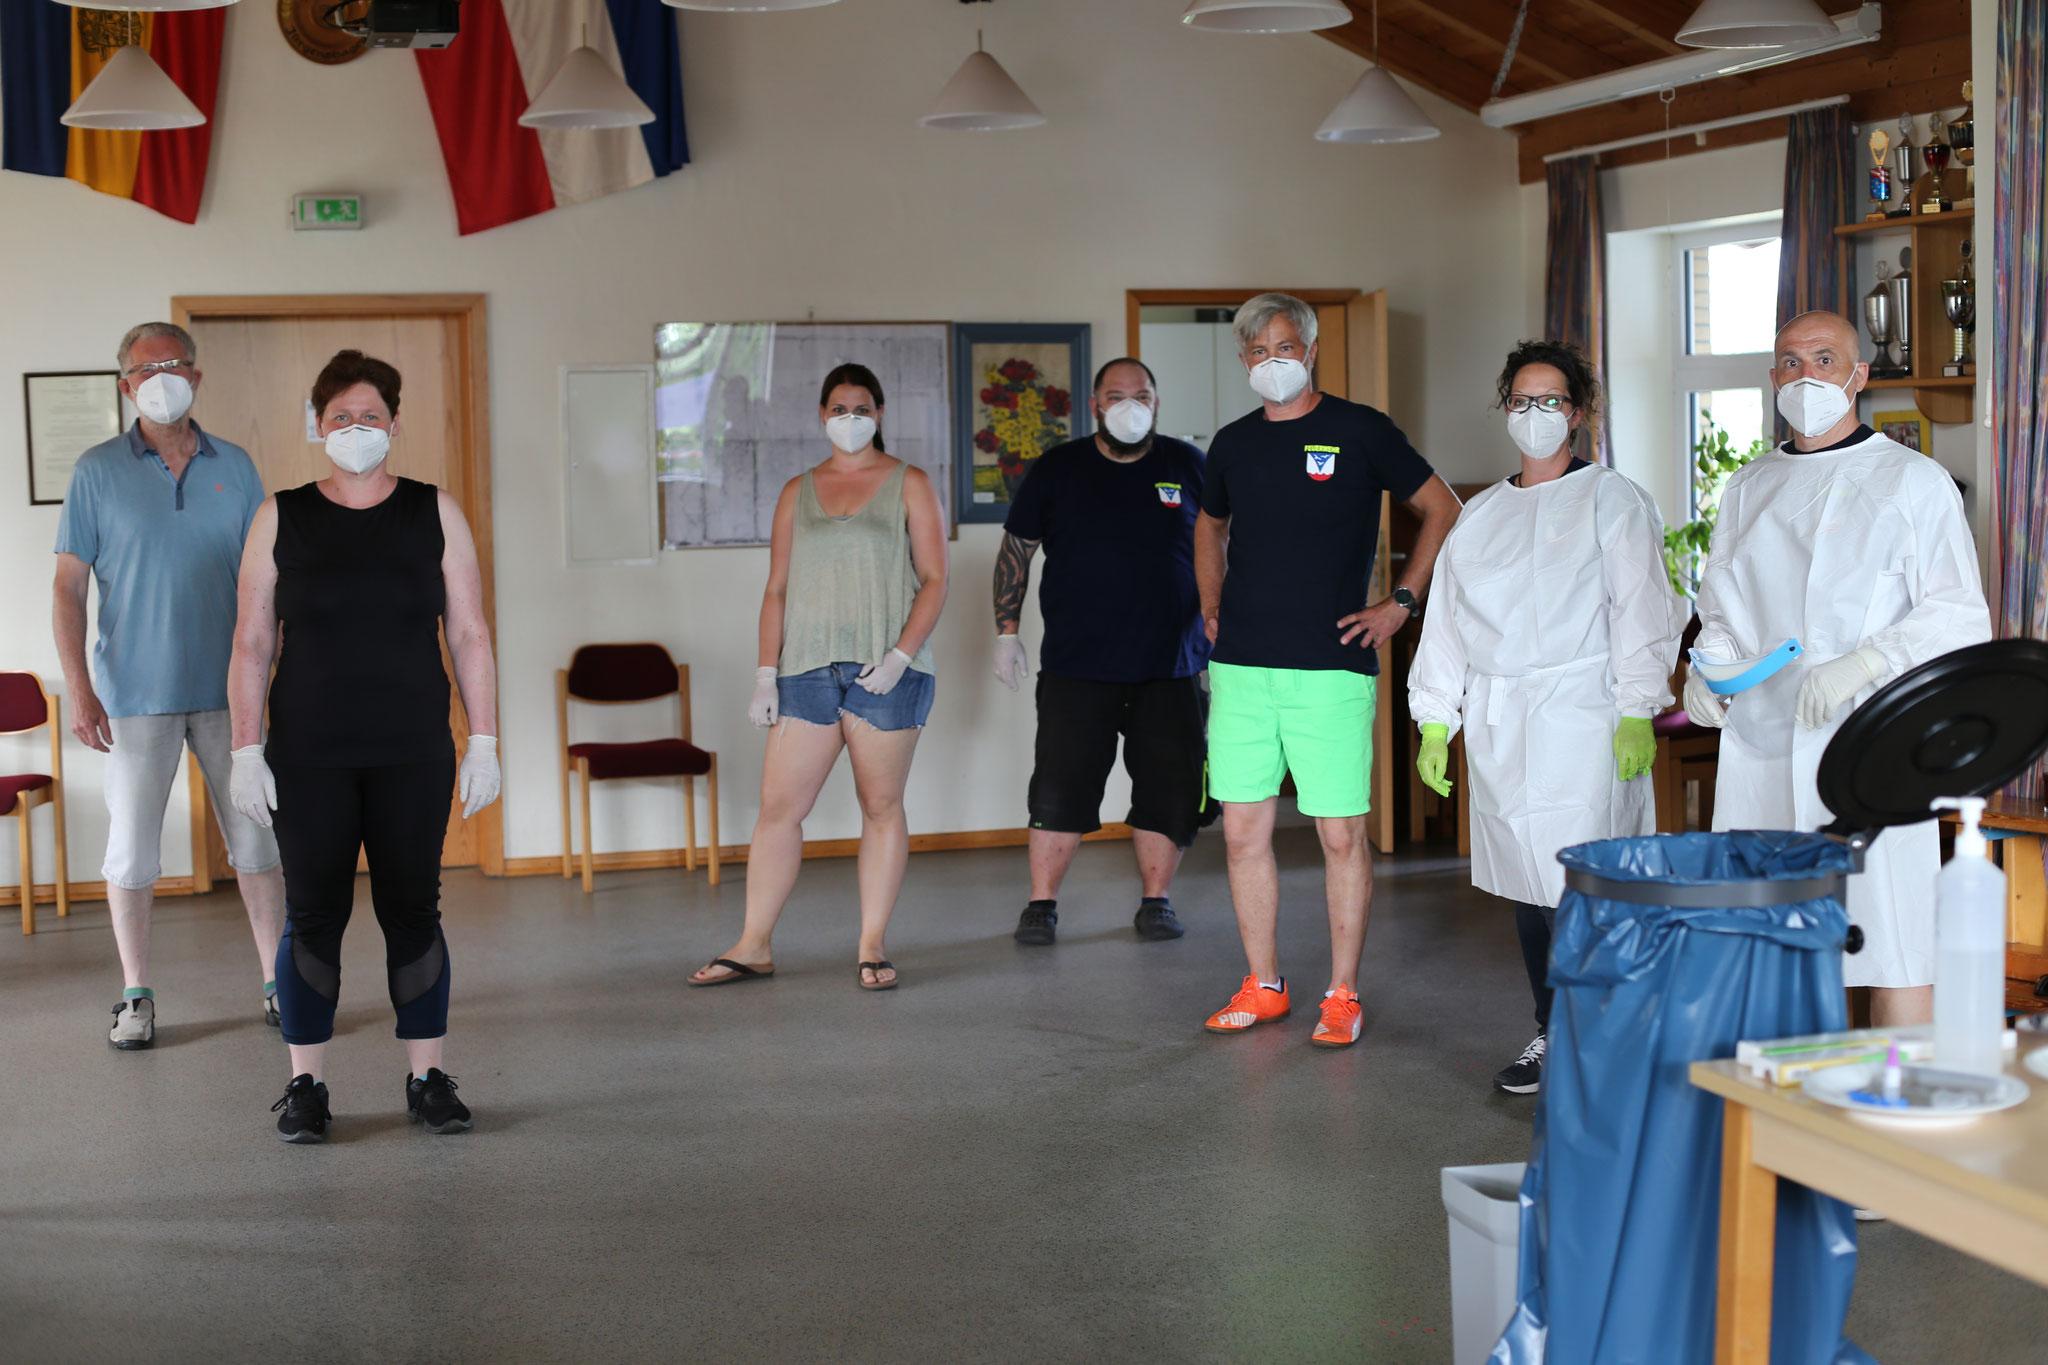 Ein starkes Team, das gerne zusammenarbeitet. Regelmäßig dabei sind auch René, Thorben und Jessica.